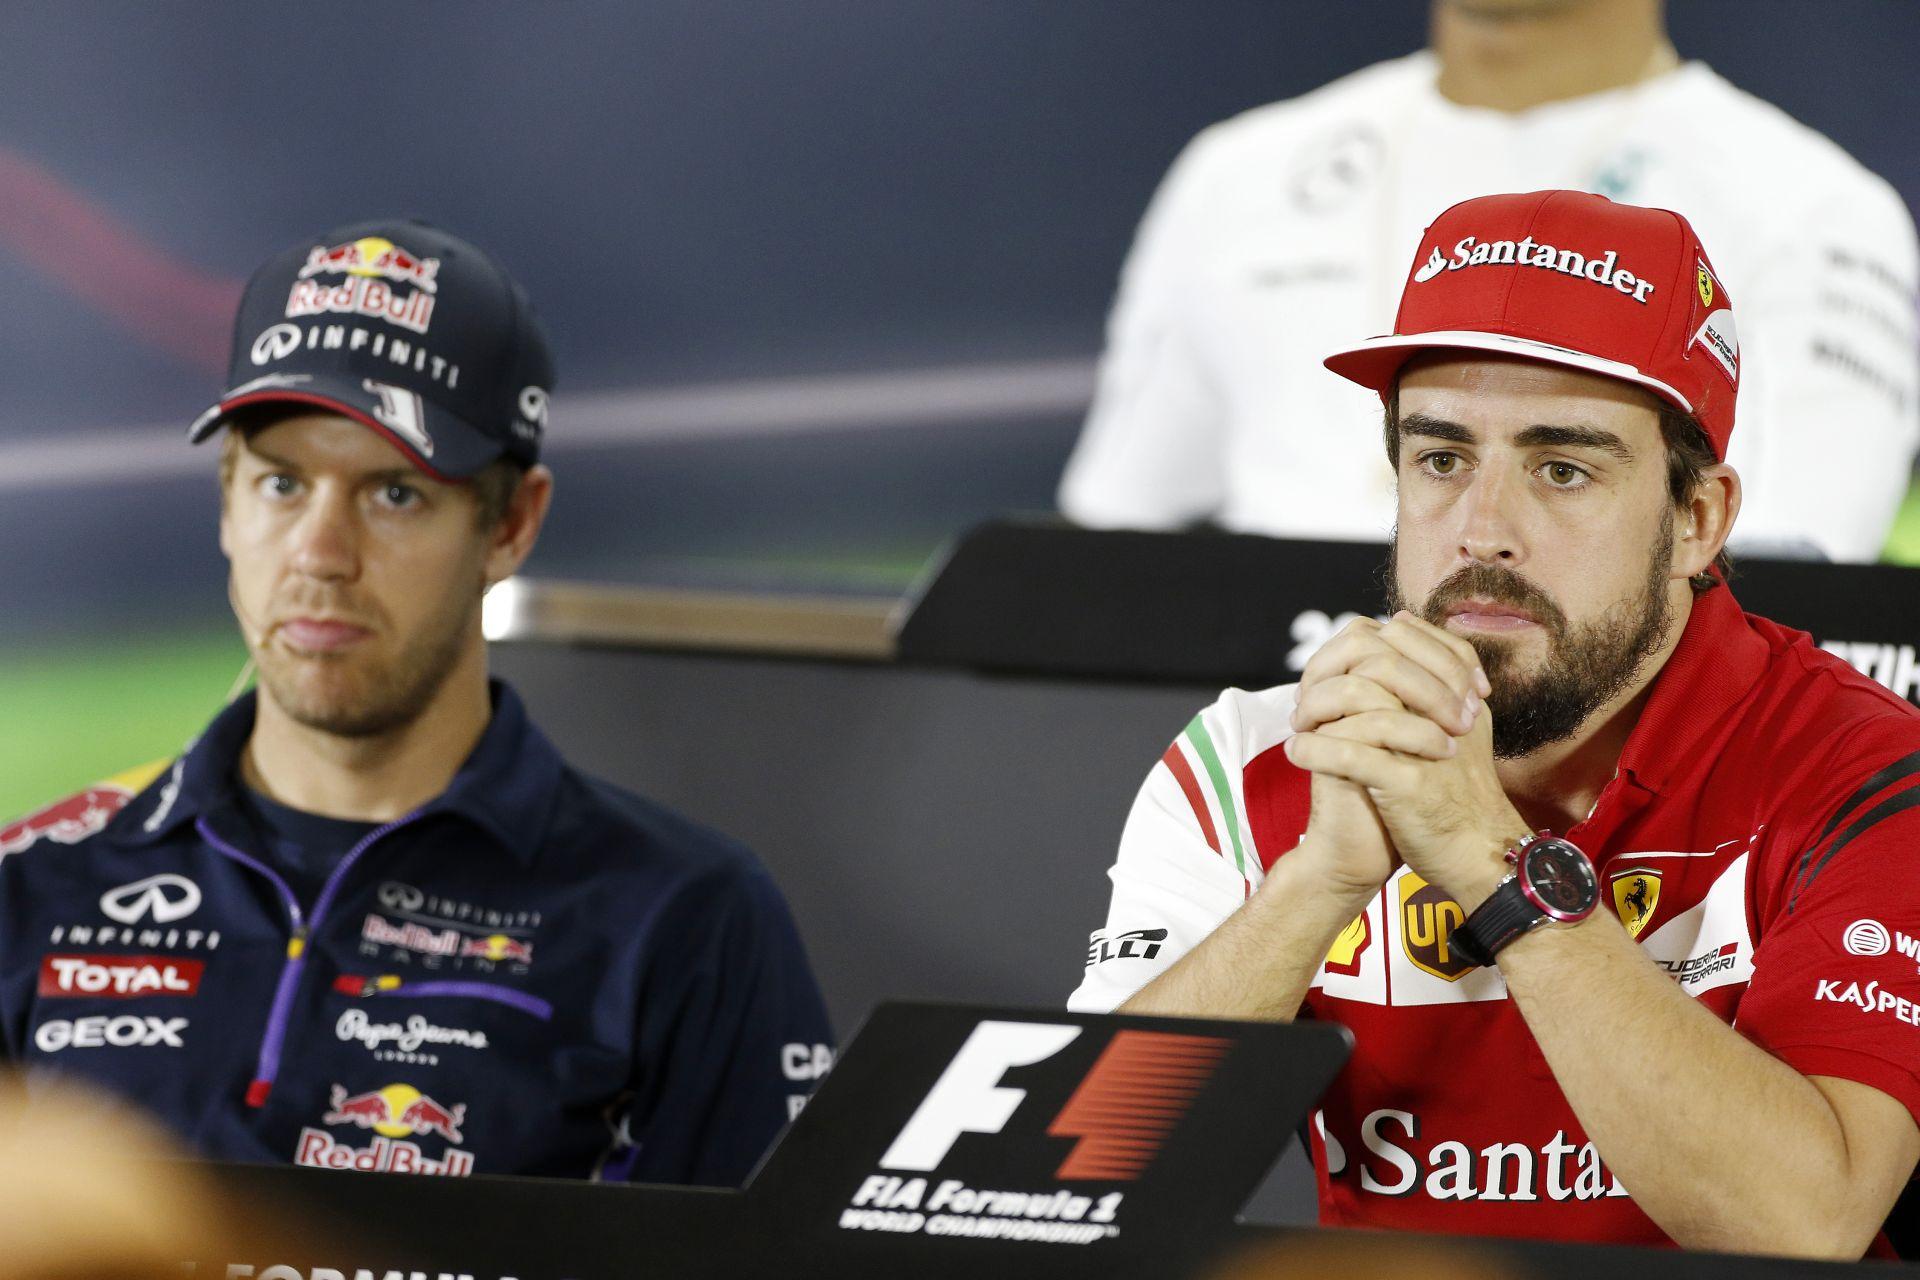 Alonso és Vettel a fizetési lista élén - egyelőre...